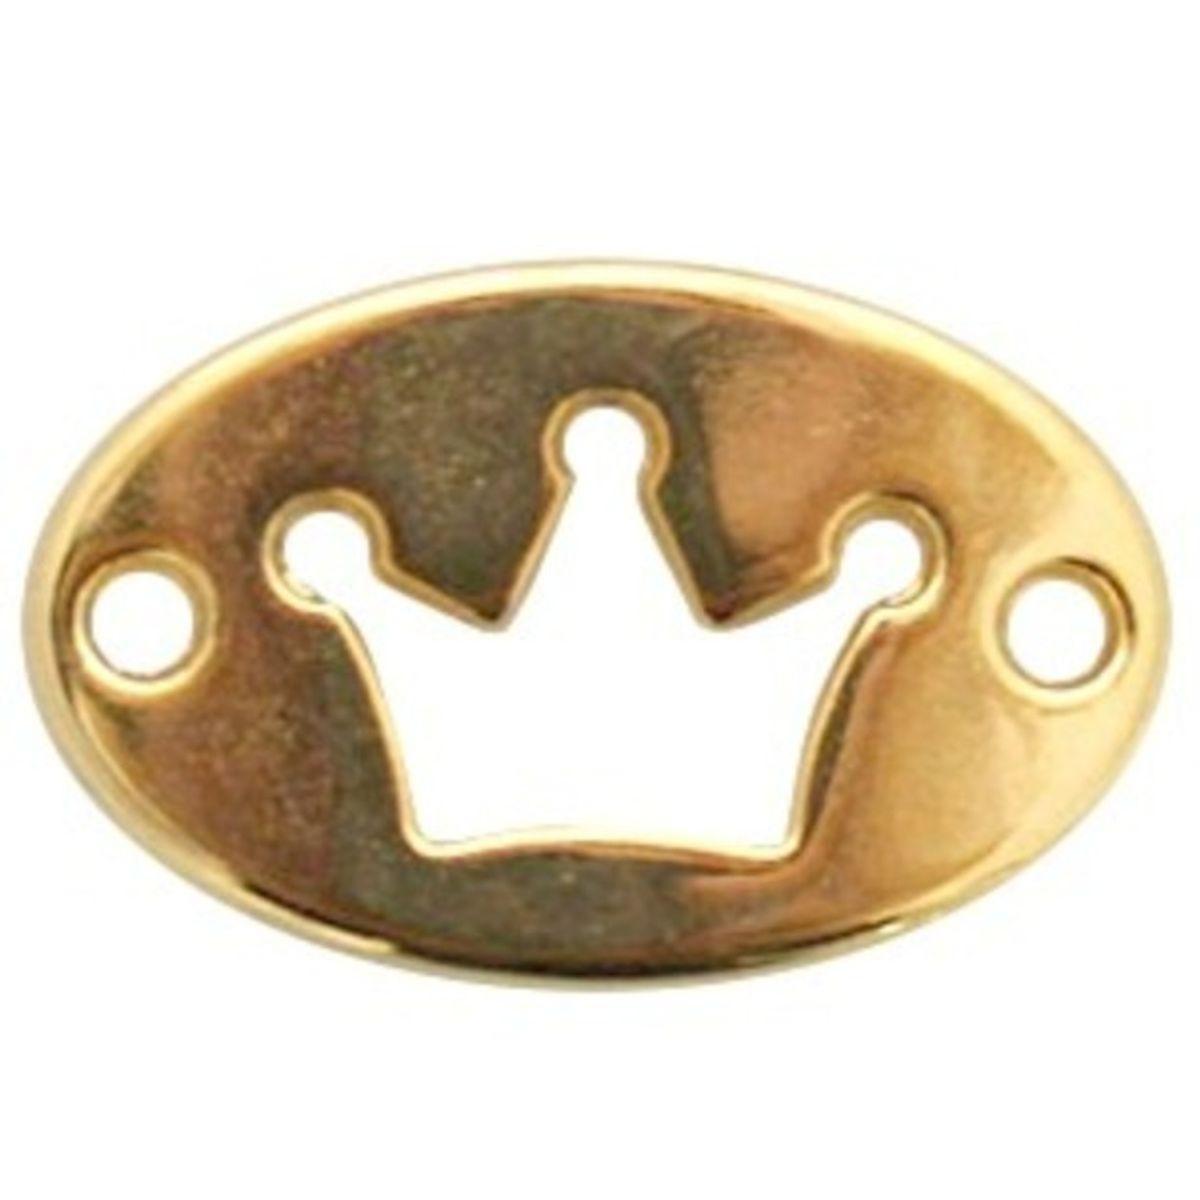 Schmuckverbinder Krone - 1 Stück - 20 x 13 mm